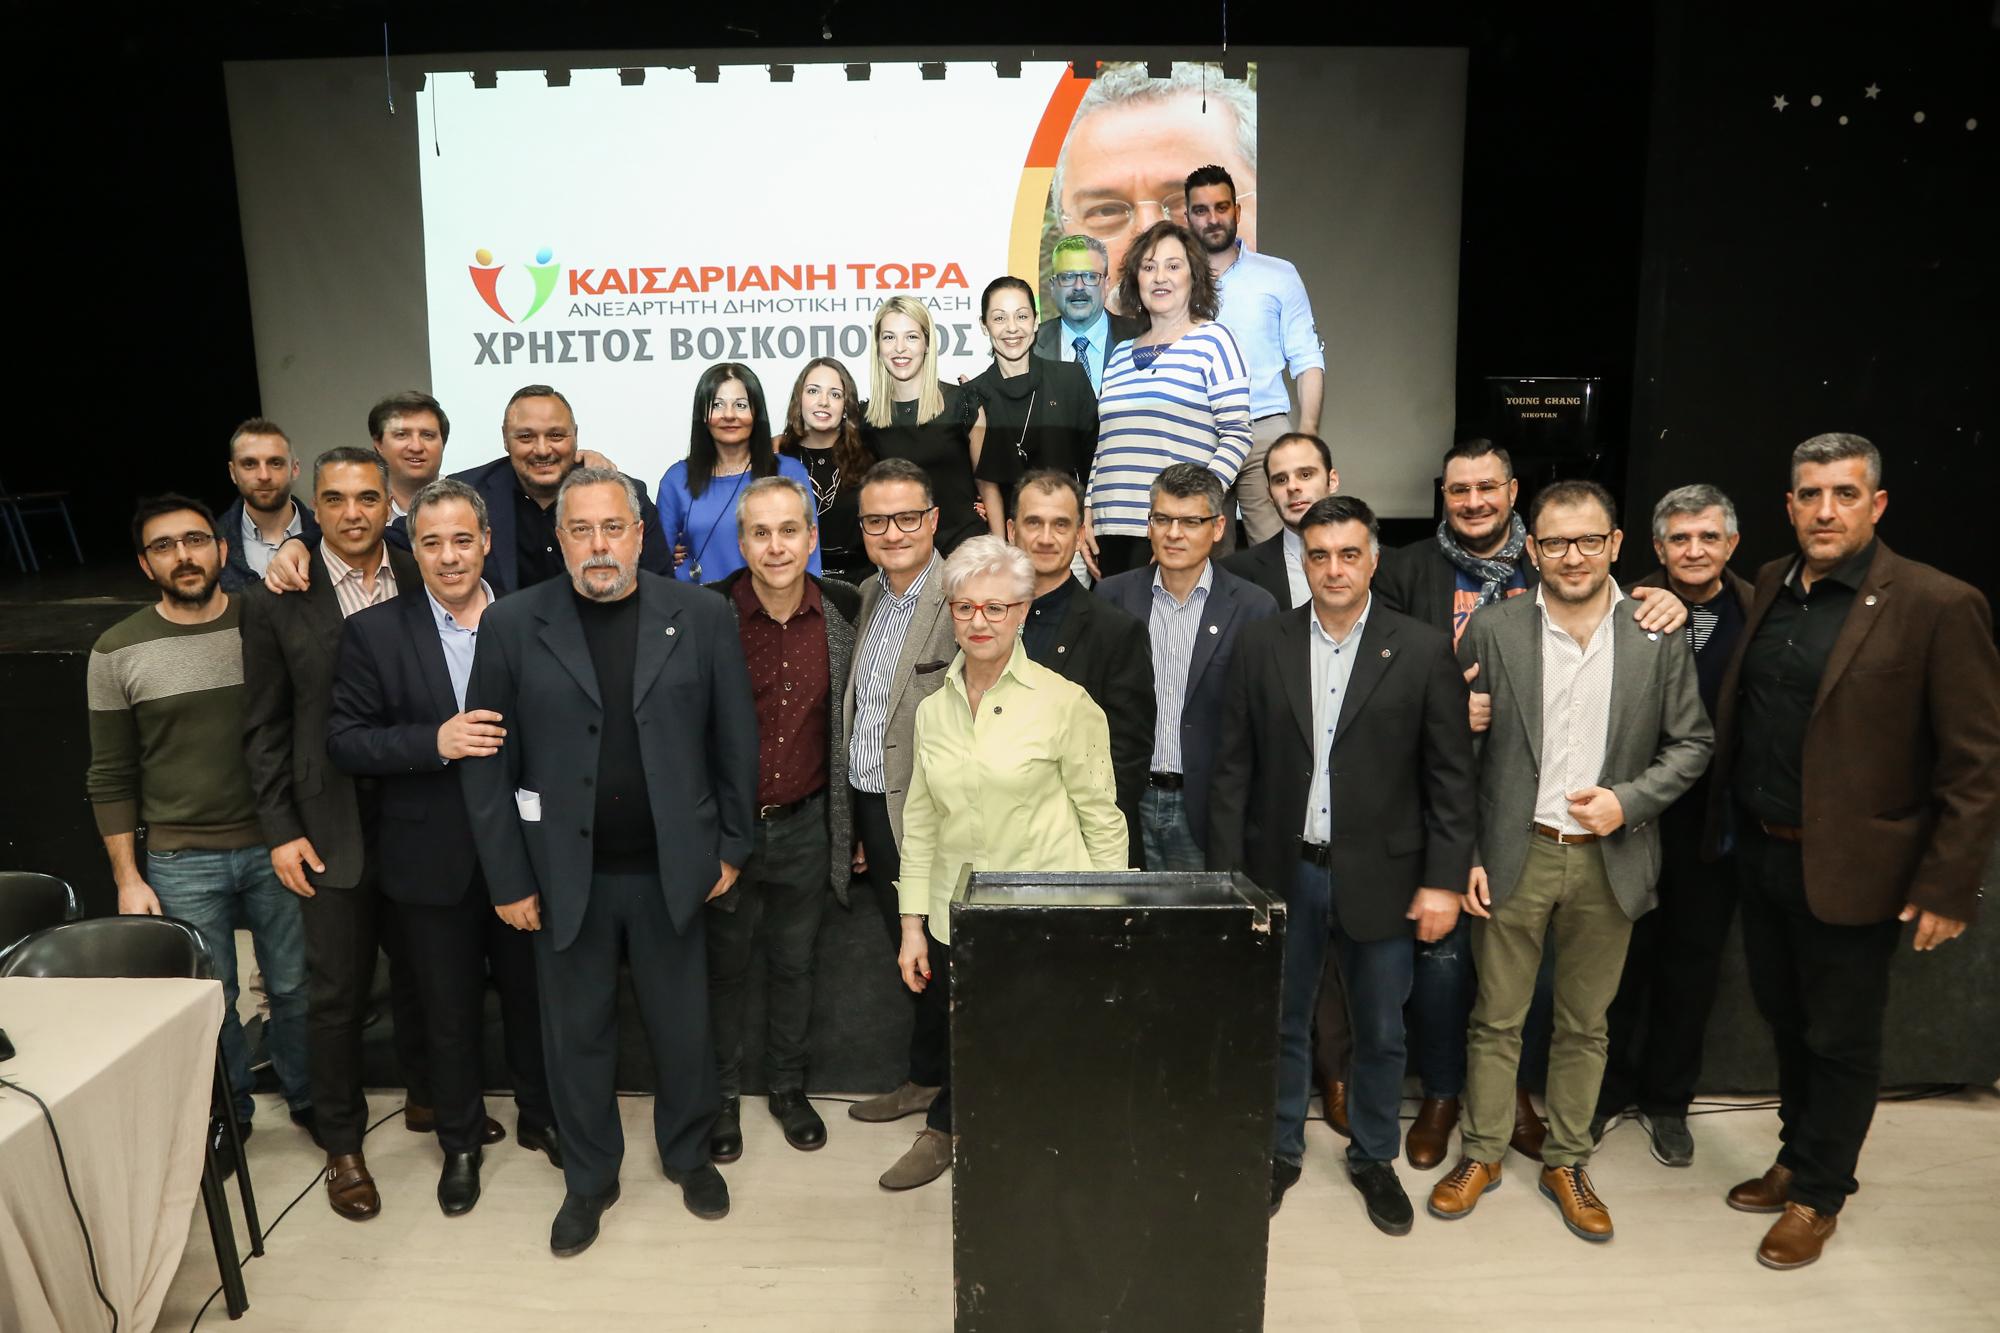 Ο Χρ. Βοσκόπουλος παρουσίασε πρόγραμμα και υποψήφιους